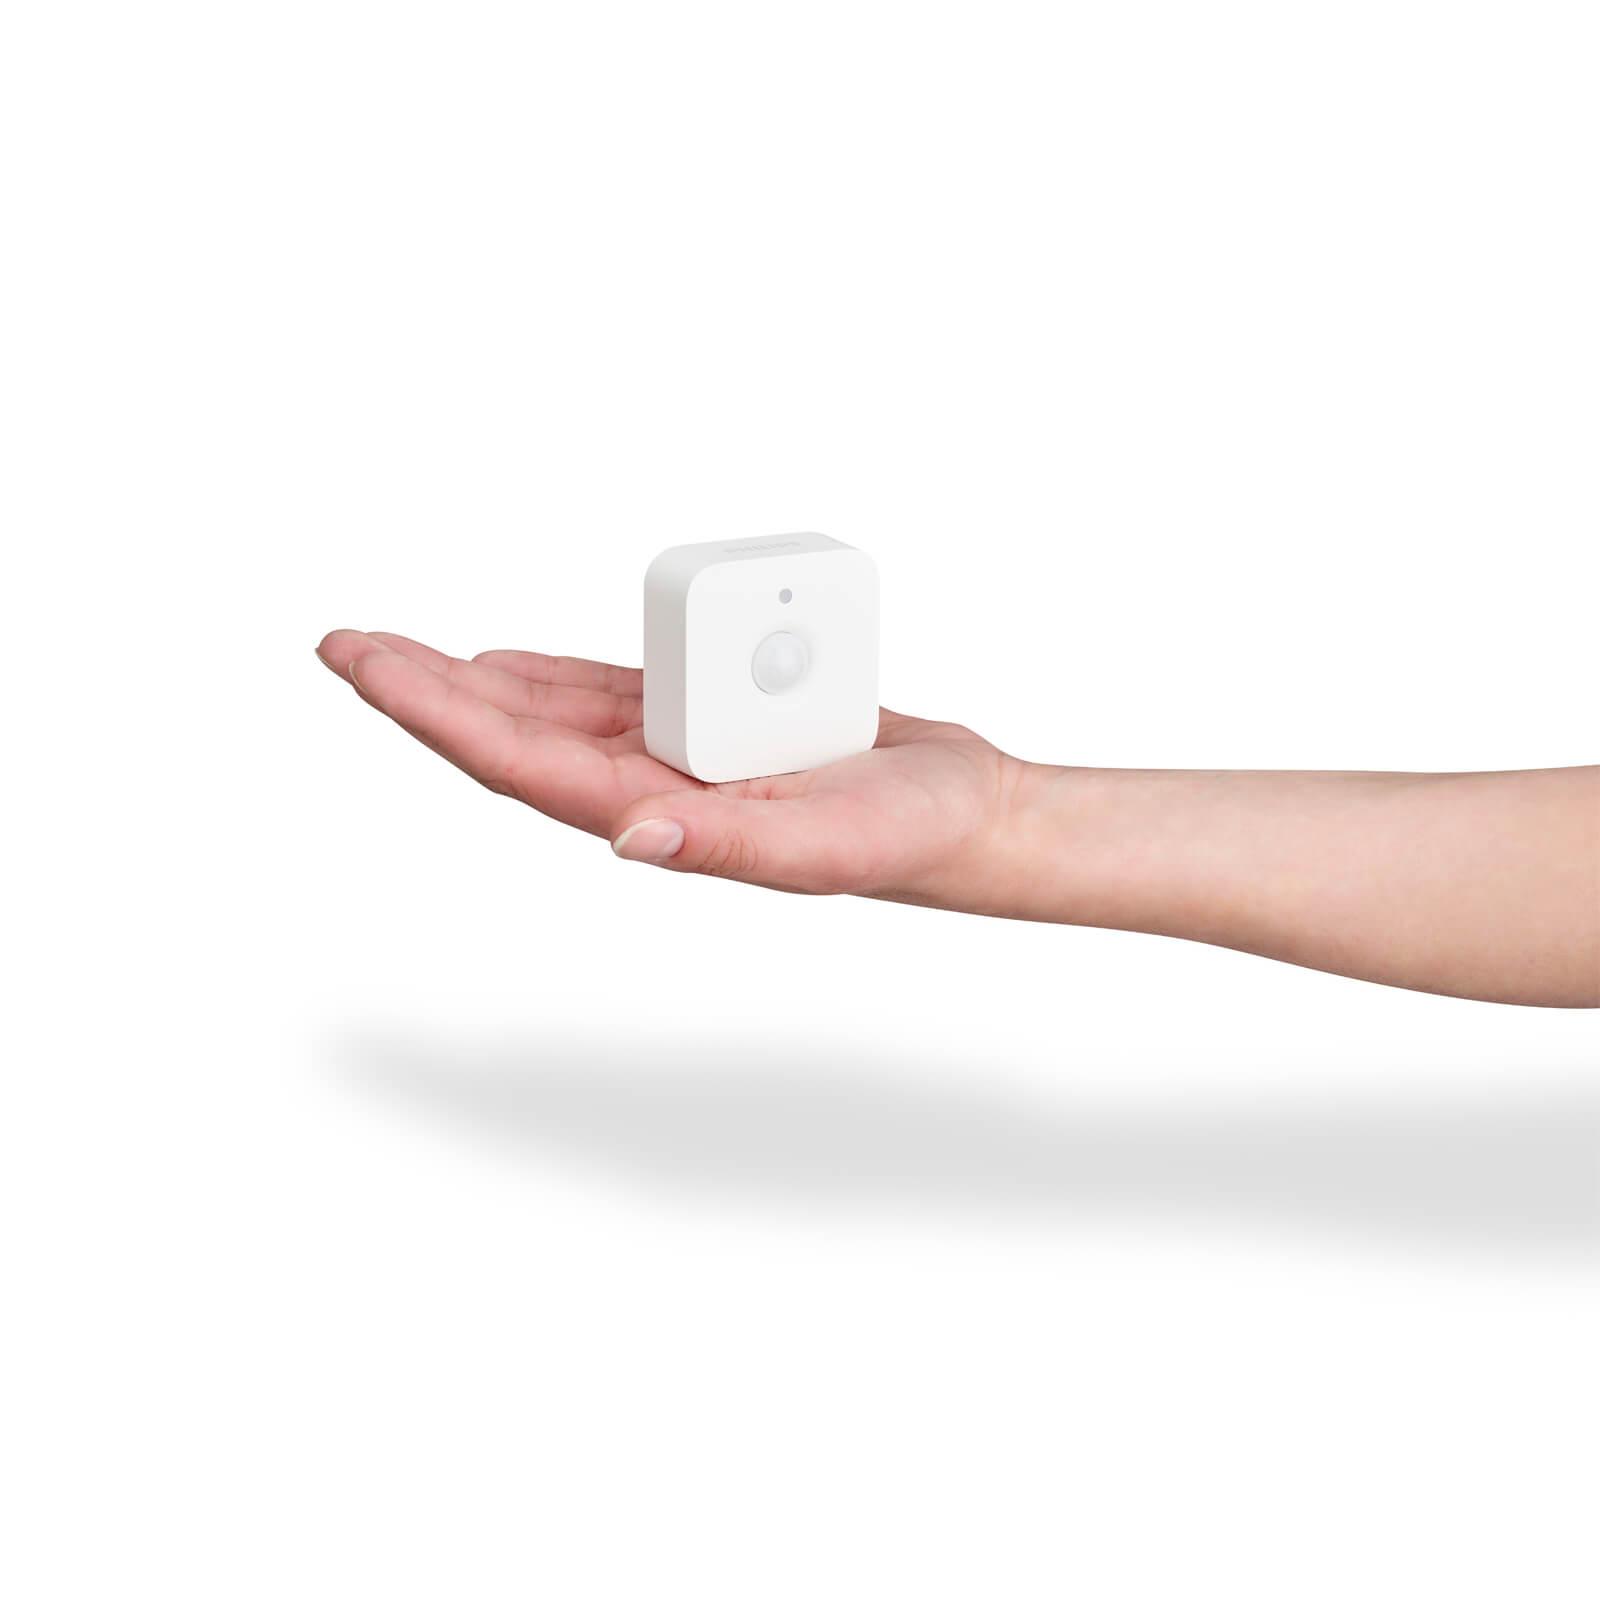 philips hue motion sensor bewegingssensor en dag nachtsensor. Black Bedroom Furniture Sets. Home Design Ideas